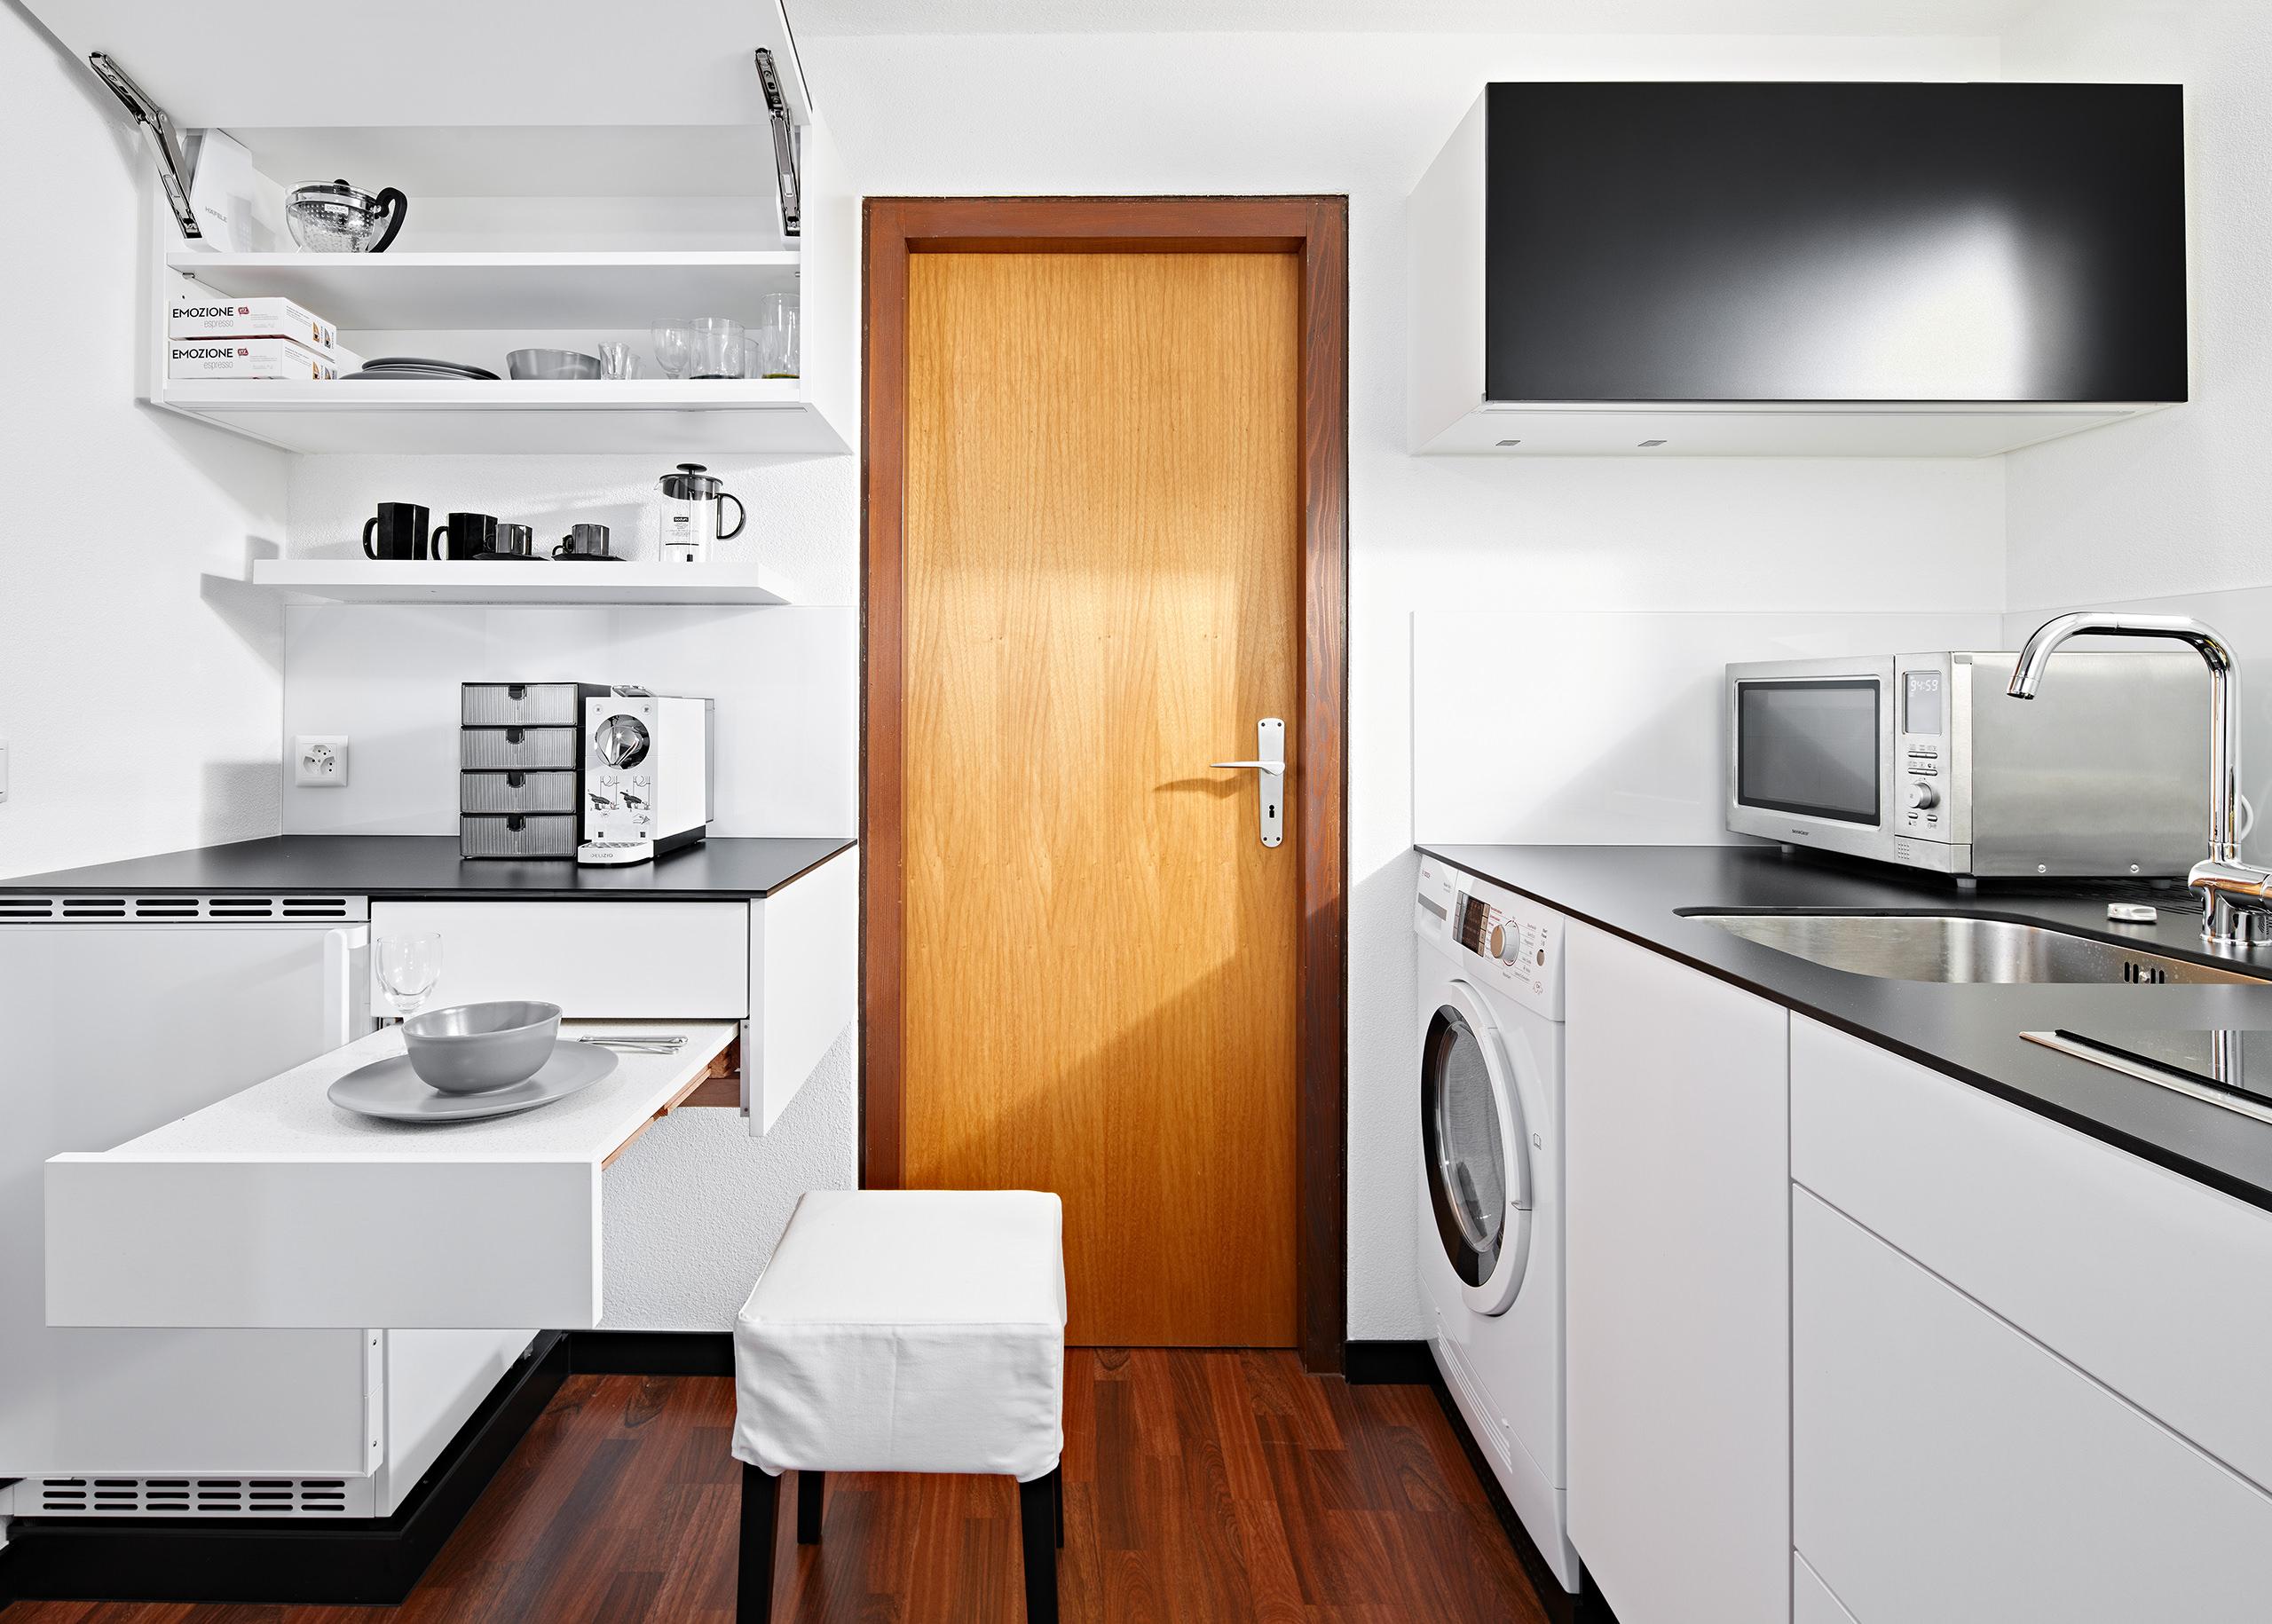 k che vom schreiner erfahrungen ikea k che griffe hygienevorschriften gastronomie qualit t. Black Bedroom Furniture Sets. Home Design Ideas